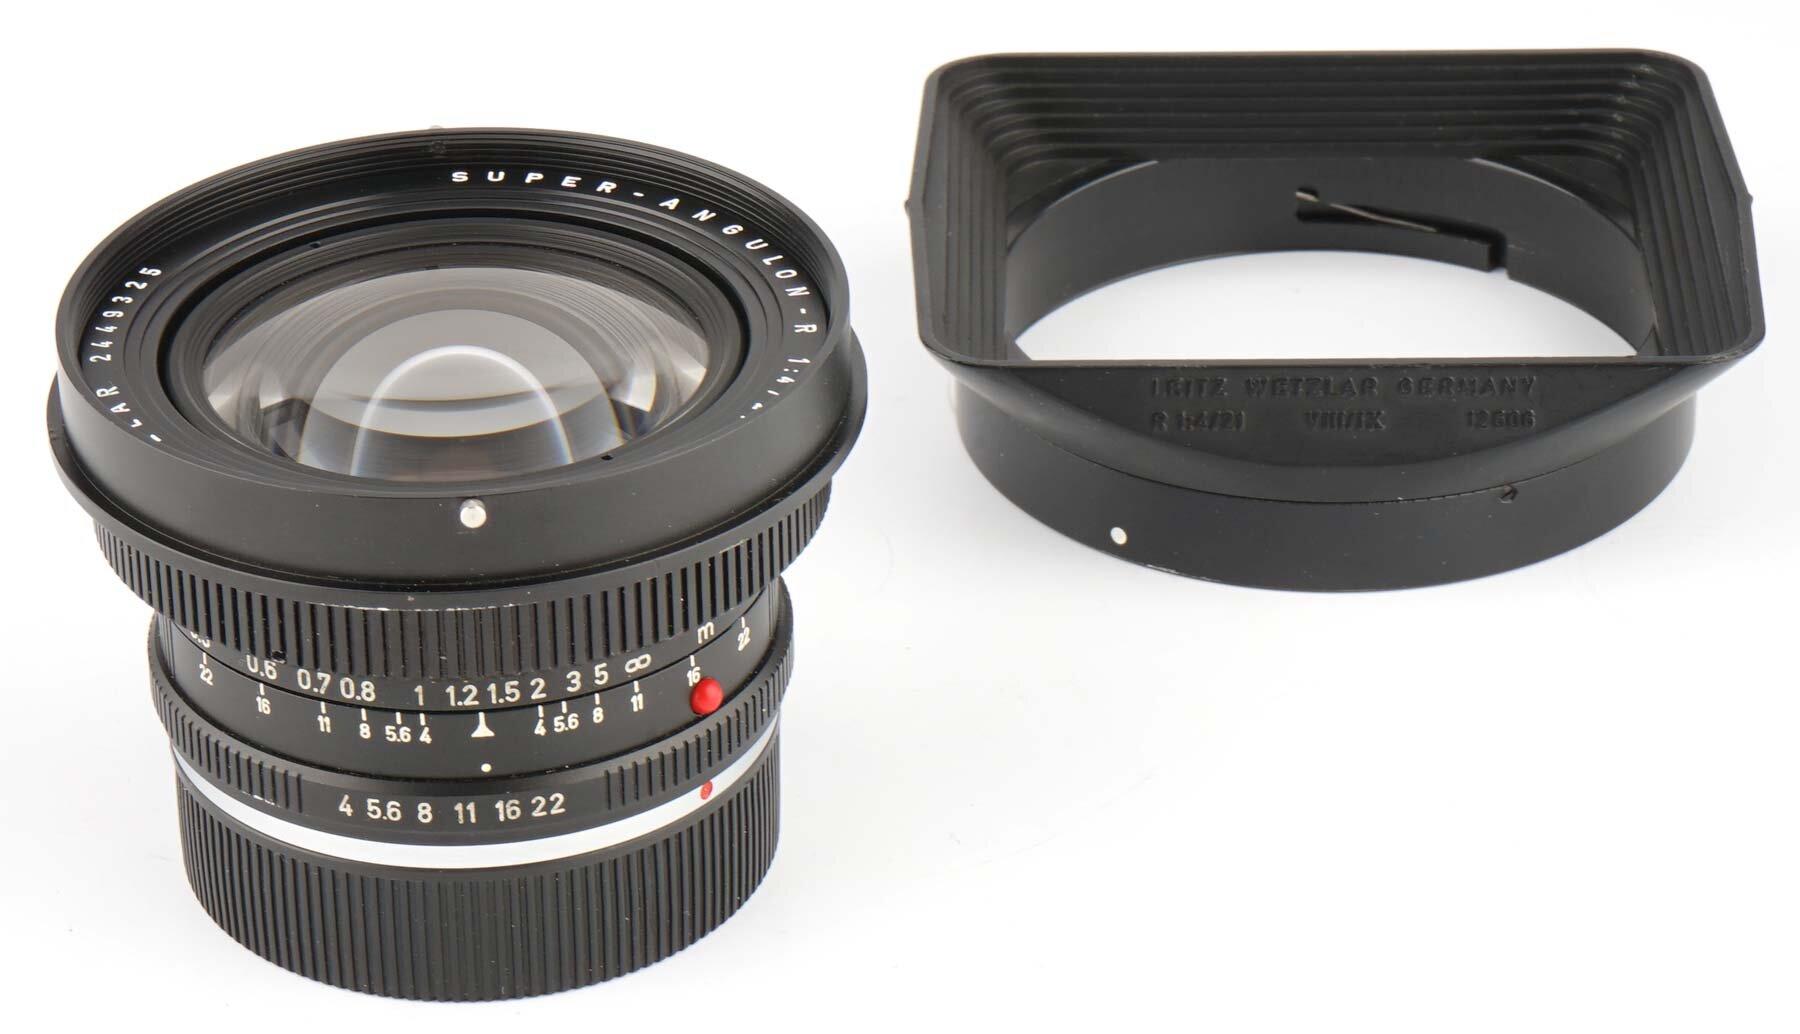 Leica Super-Angulon R 4/21mm ROM